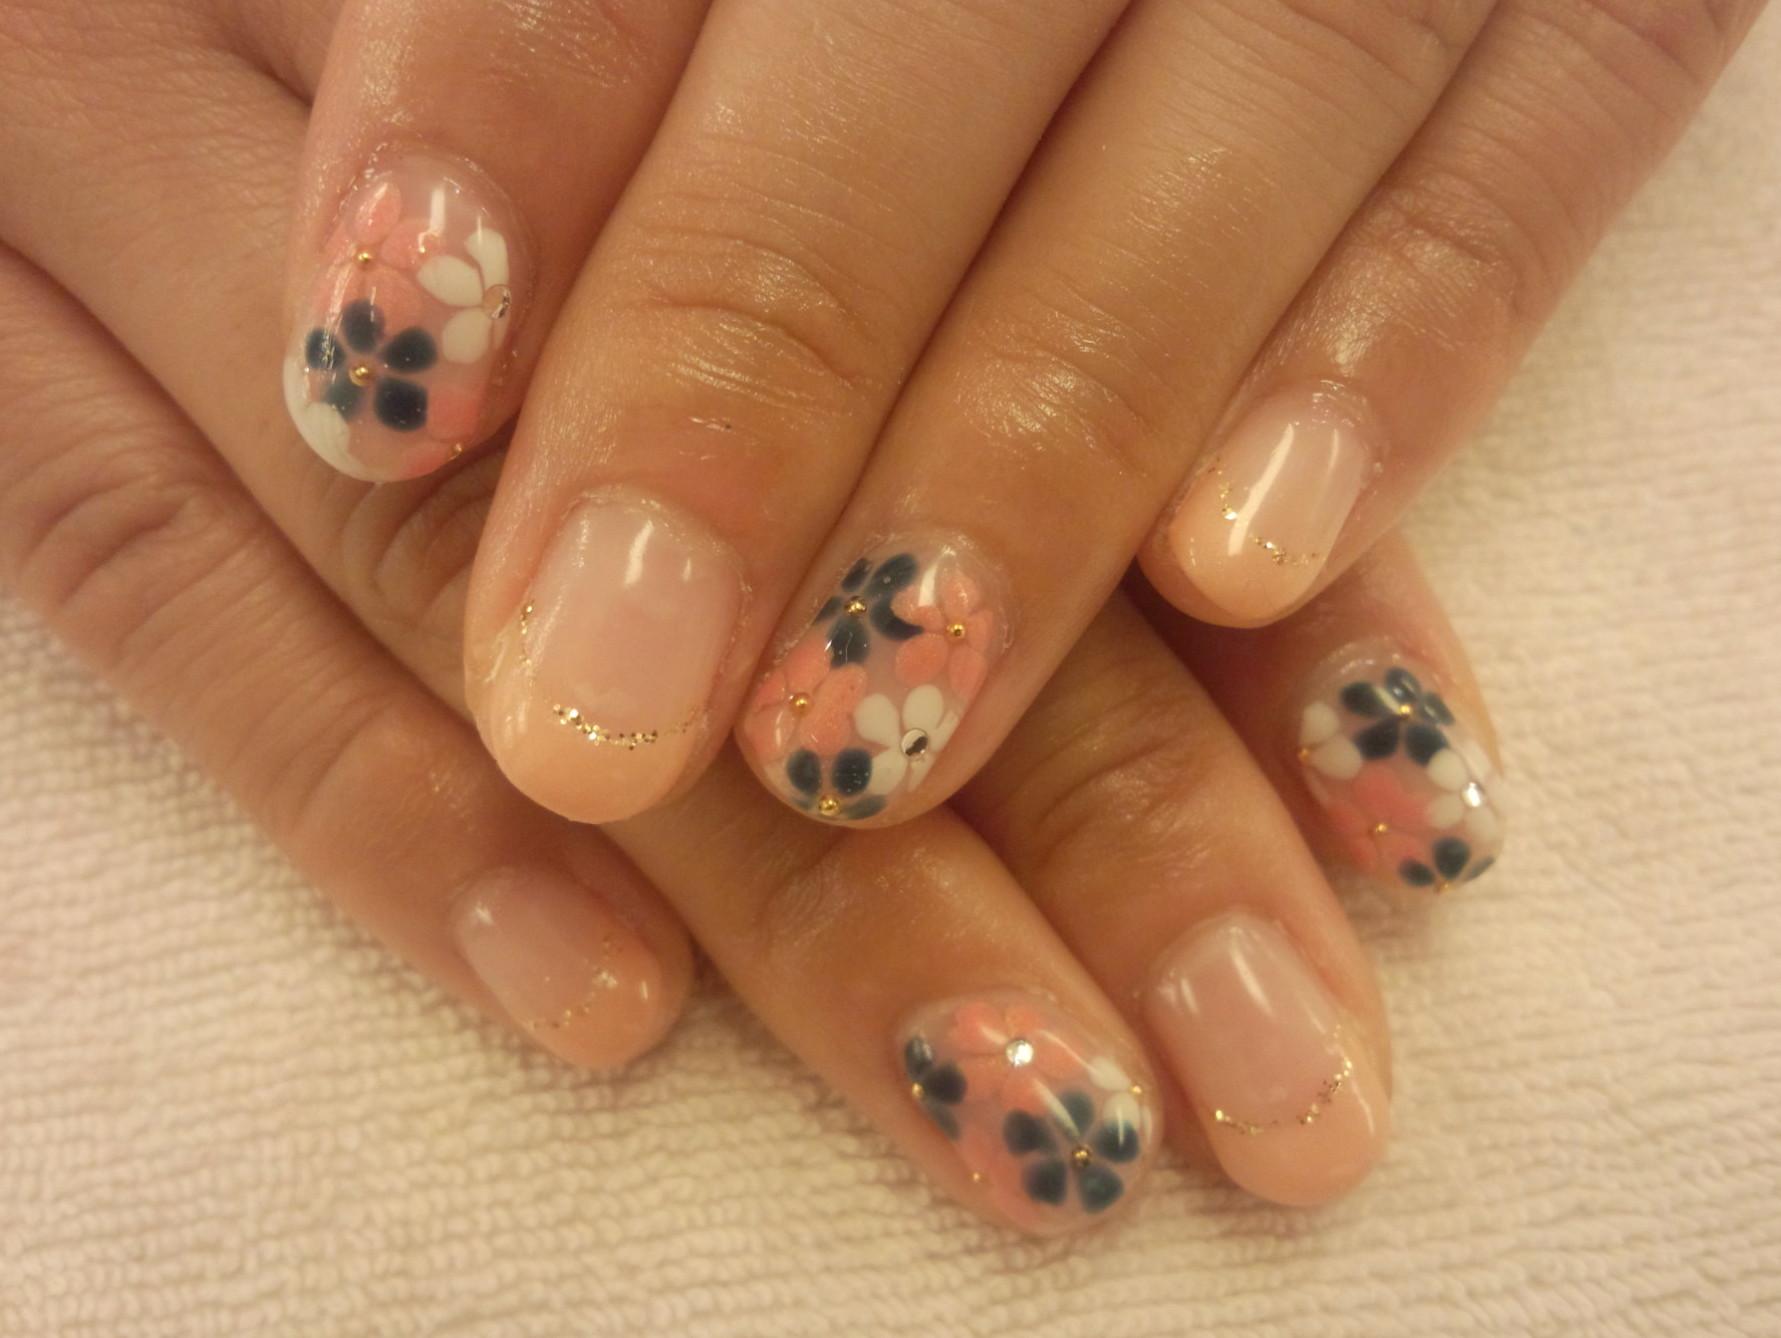 花柄ジェルネイル ネイル 花 ネイルジェル フローラルネイル フローラル埋め込み  花ネイル ネイルシンプル ネイル4月 5月 埋め込み花